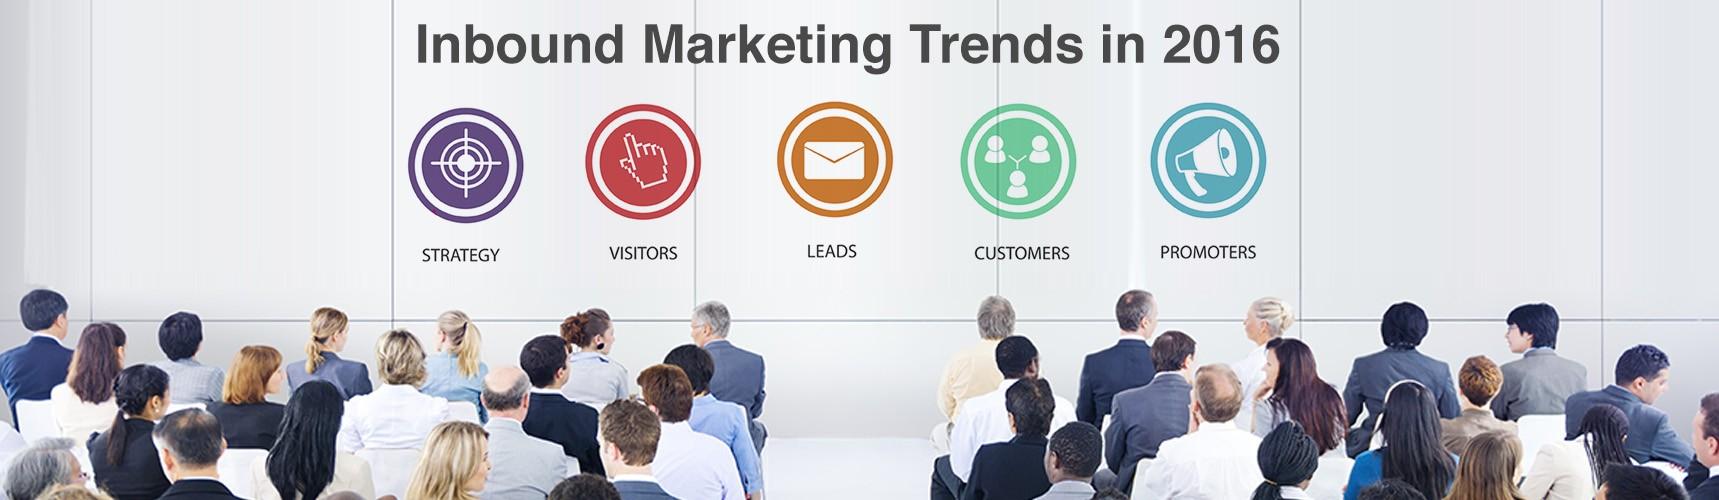 Inbound-Marketing-Trends-2016